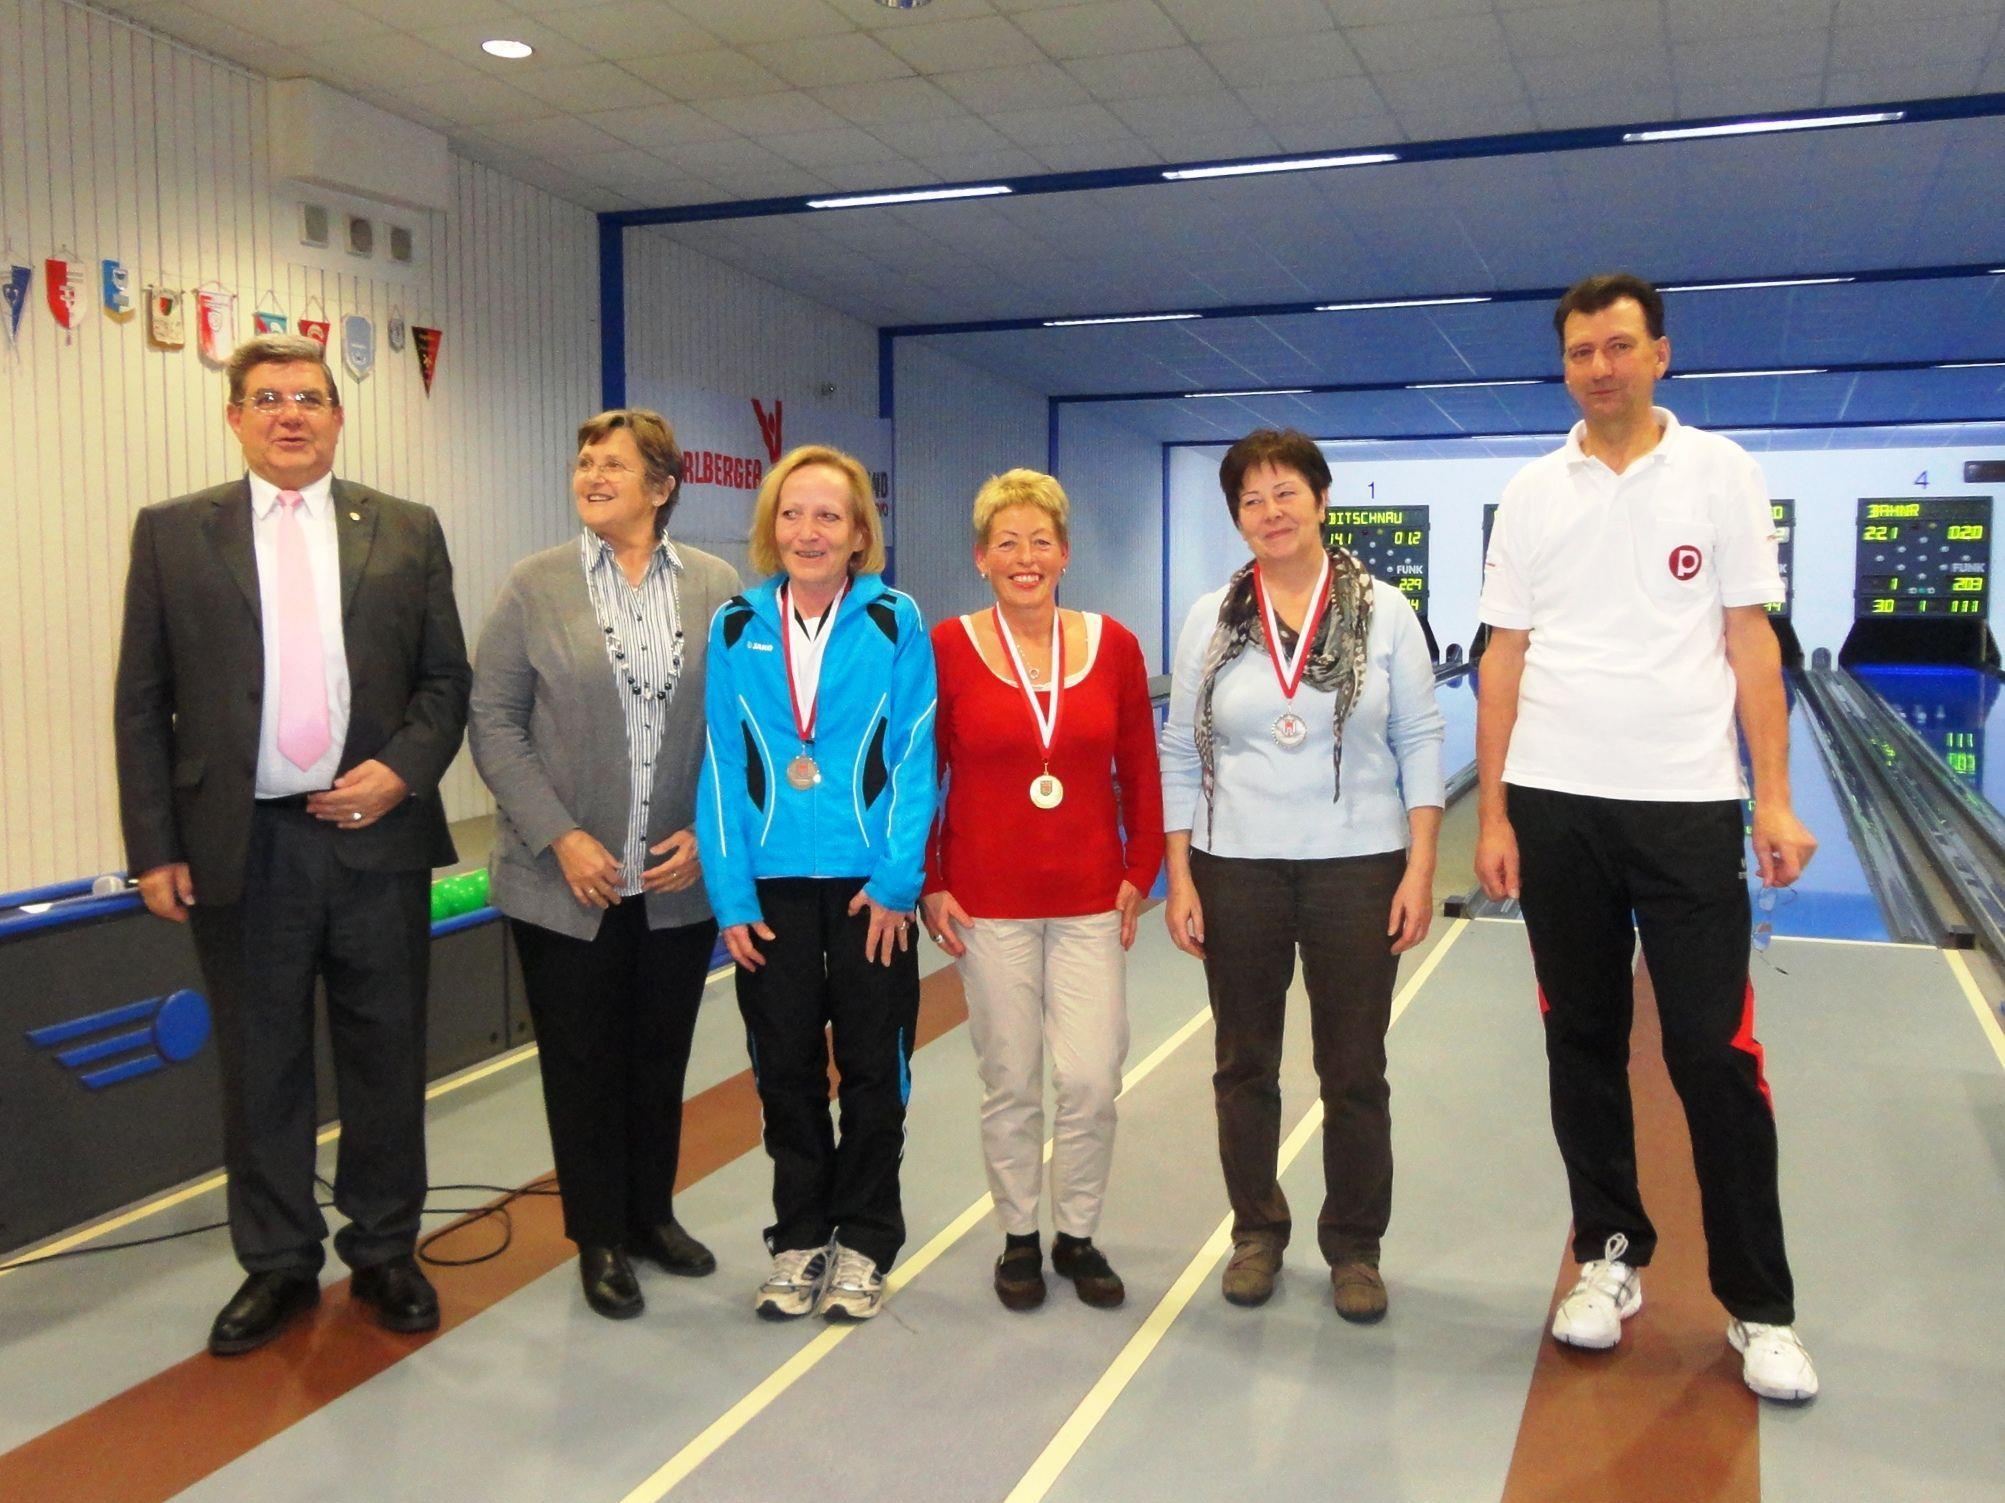 Landesvorsitzender Erich De Gaspari und Landessportreferentin Elisabeth Mayer waren auch dabei